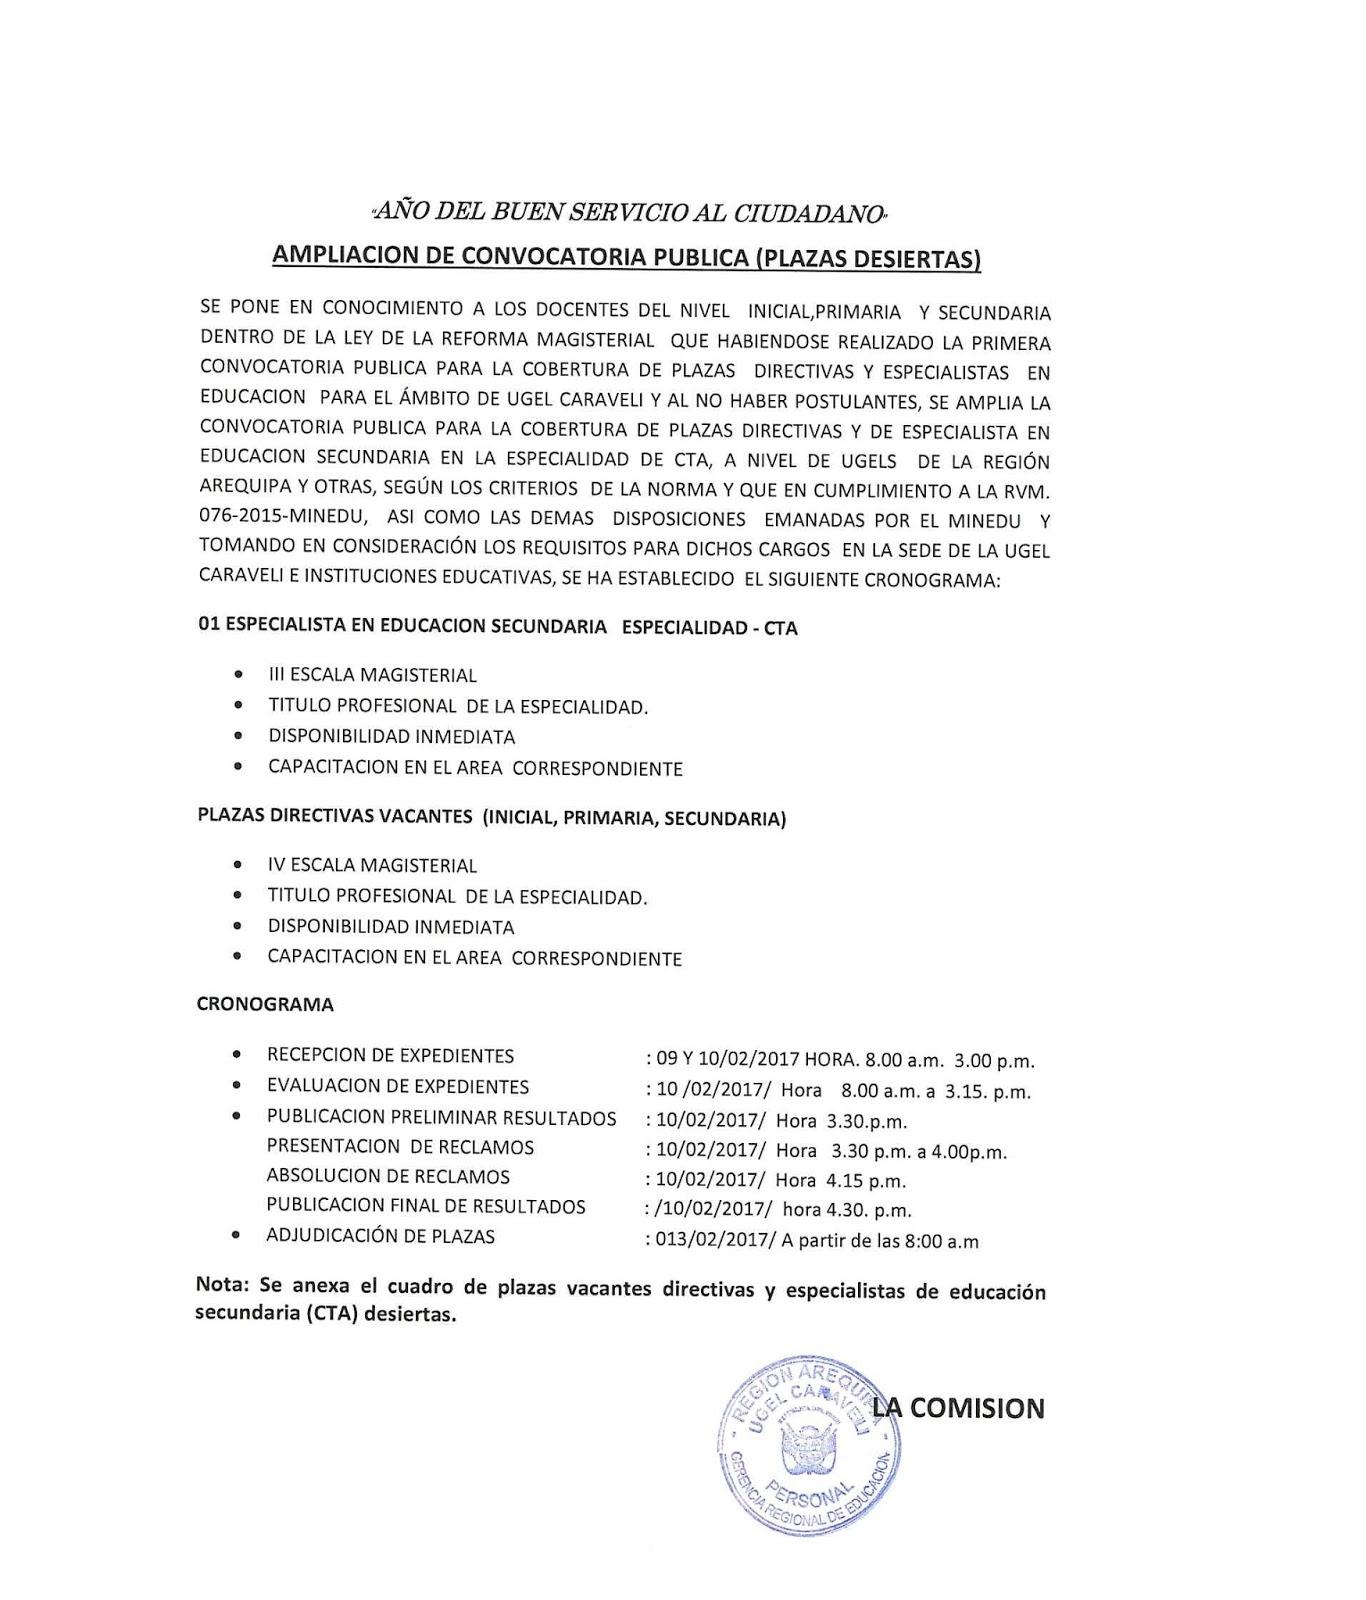 Ampliaci n de convocatoria publica plazas desiertas for Convocatoria de plazas docentes 2017